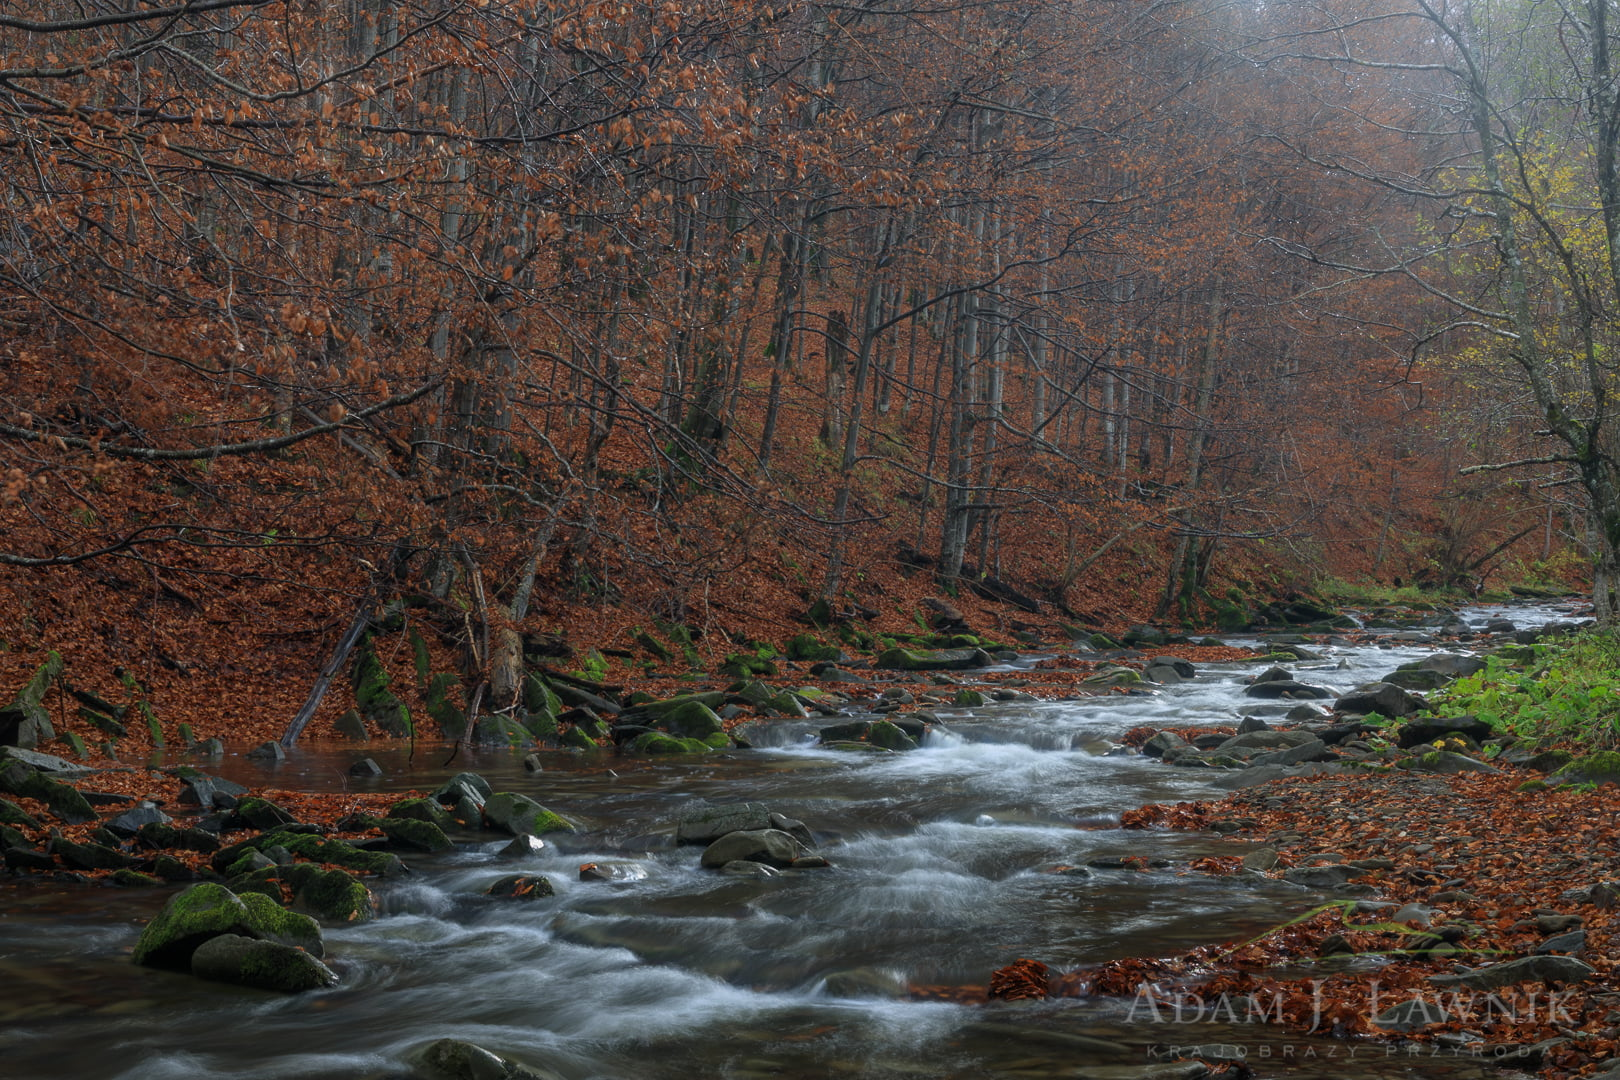 Potok Dwernik w Bieszczadzkim Parku Narodowym